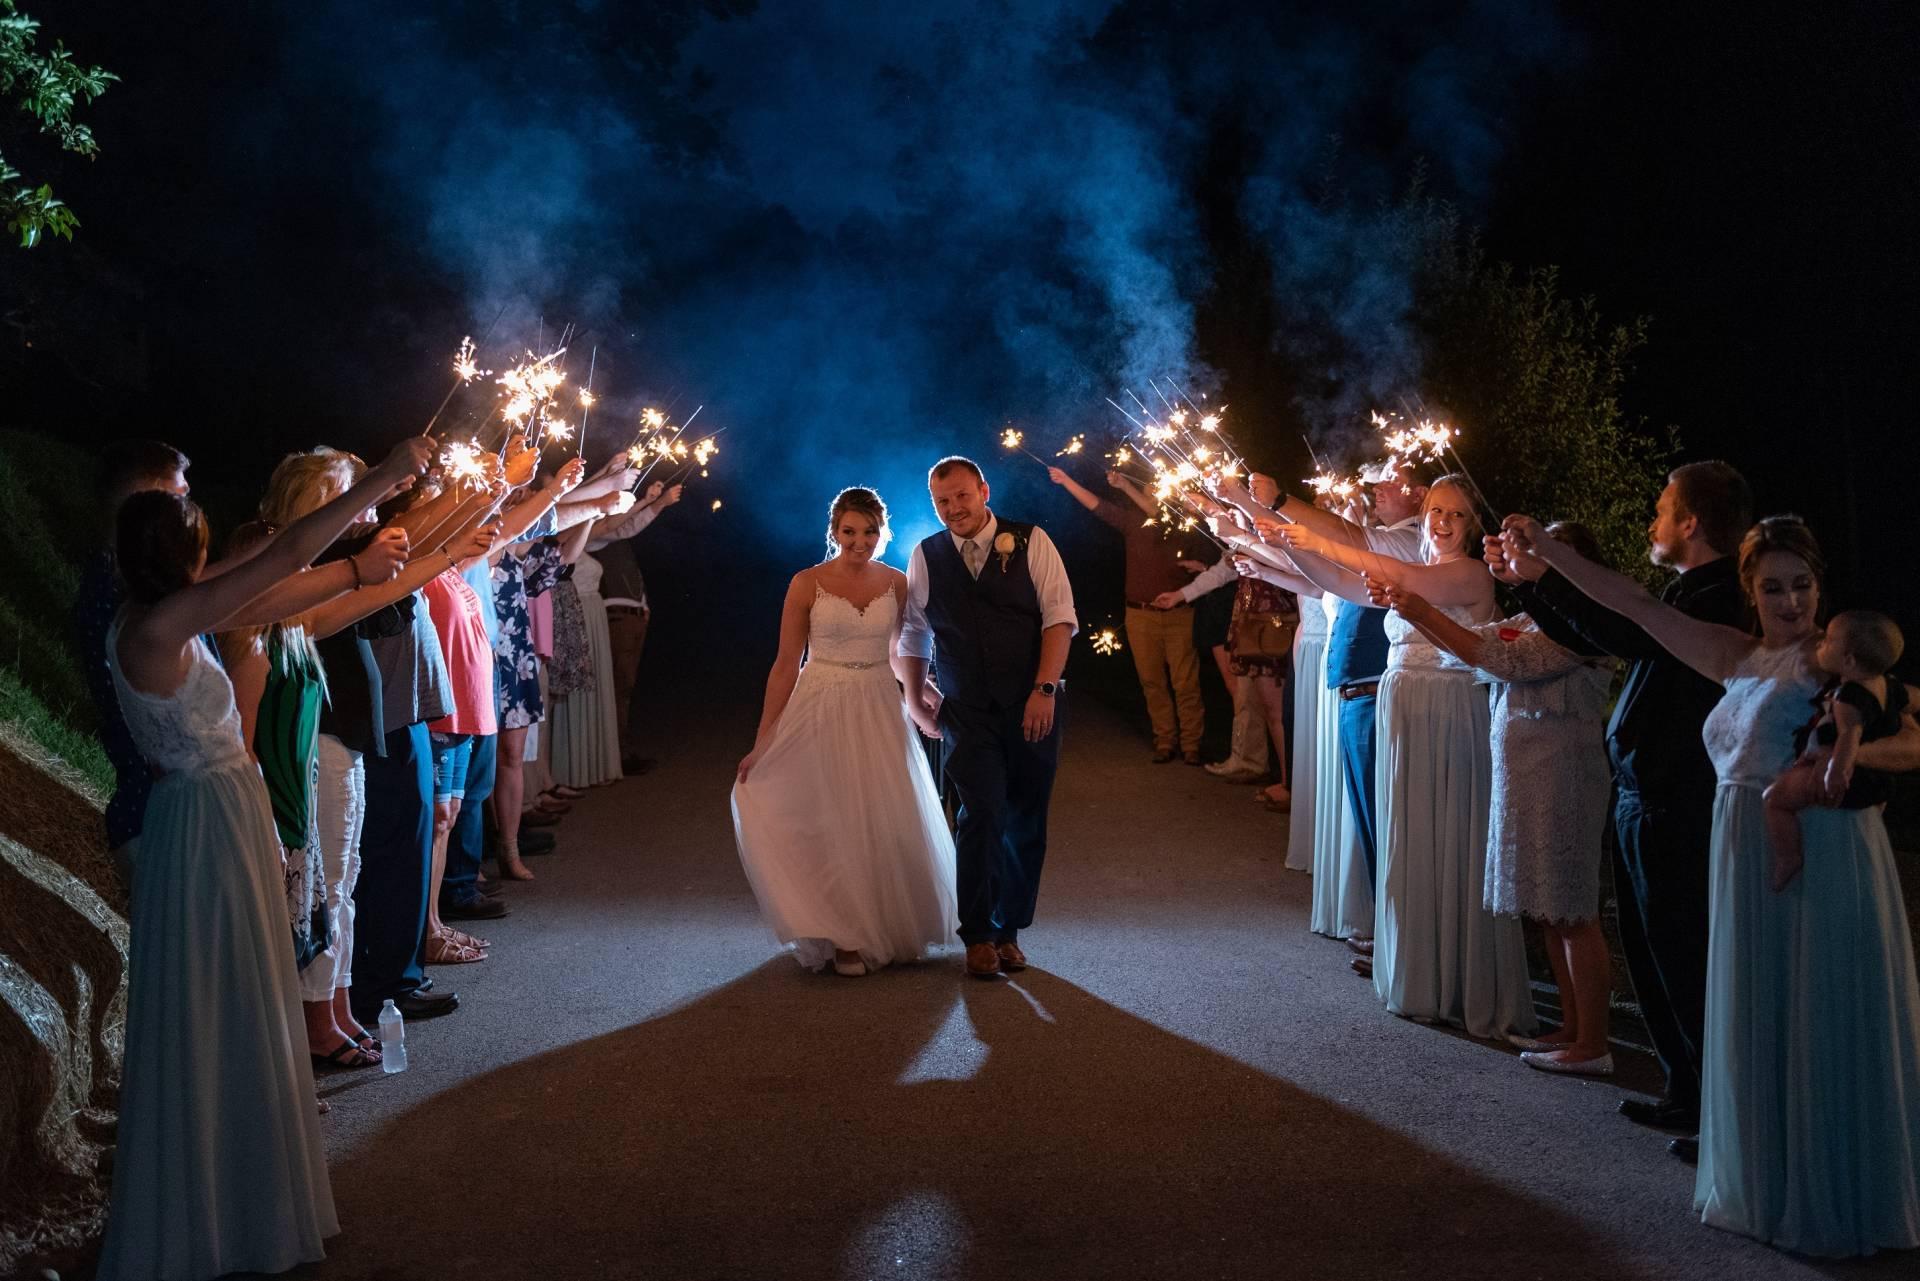 Smoky Mountain wedding, Smoky Mountain wedding venue, Smoky Mountain rustic weddings, Smoky Mountain wedding photography, Smoky Mountain wedding venue, wedding venues in the Smokies